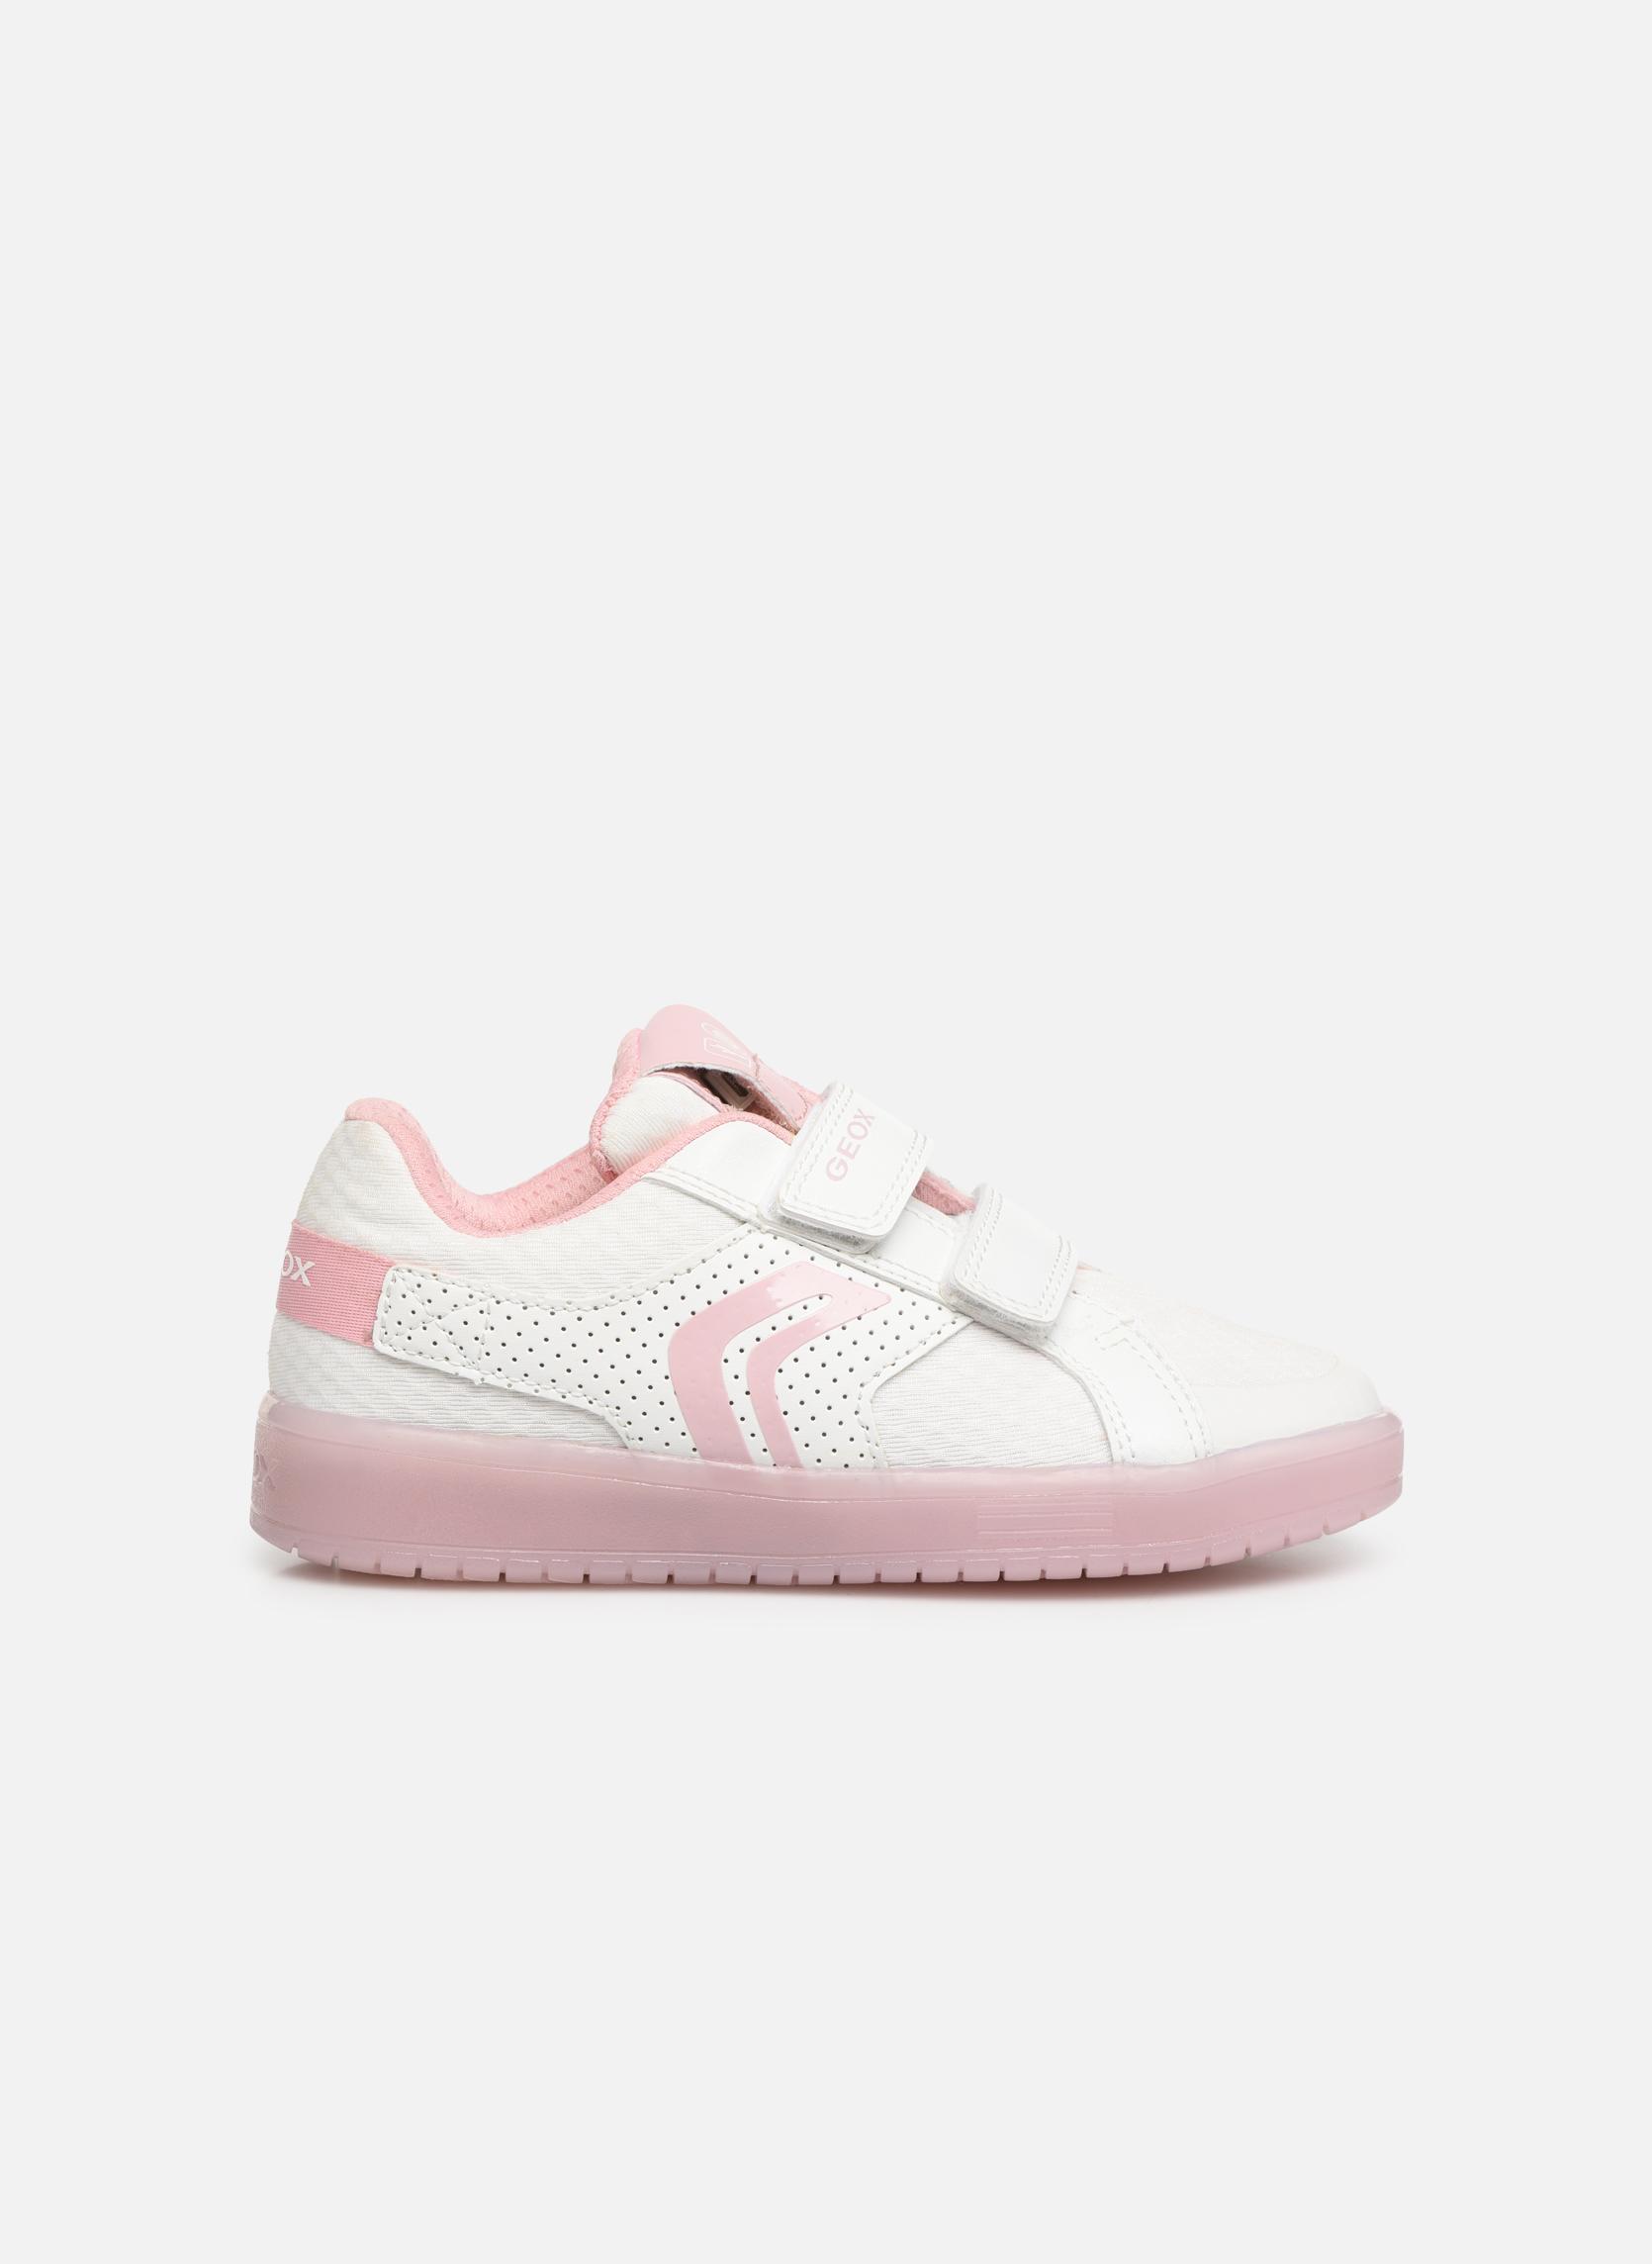 bd542b1f186 Zapatos niños online: calzado niños, zapatillas niños en Sarenza.es